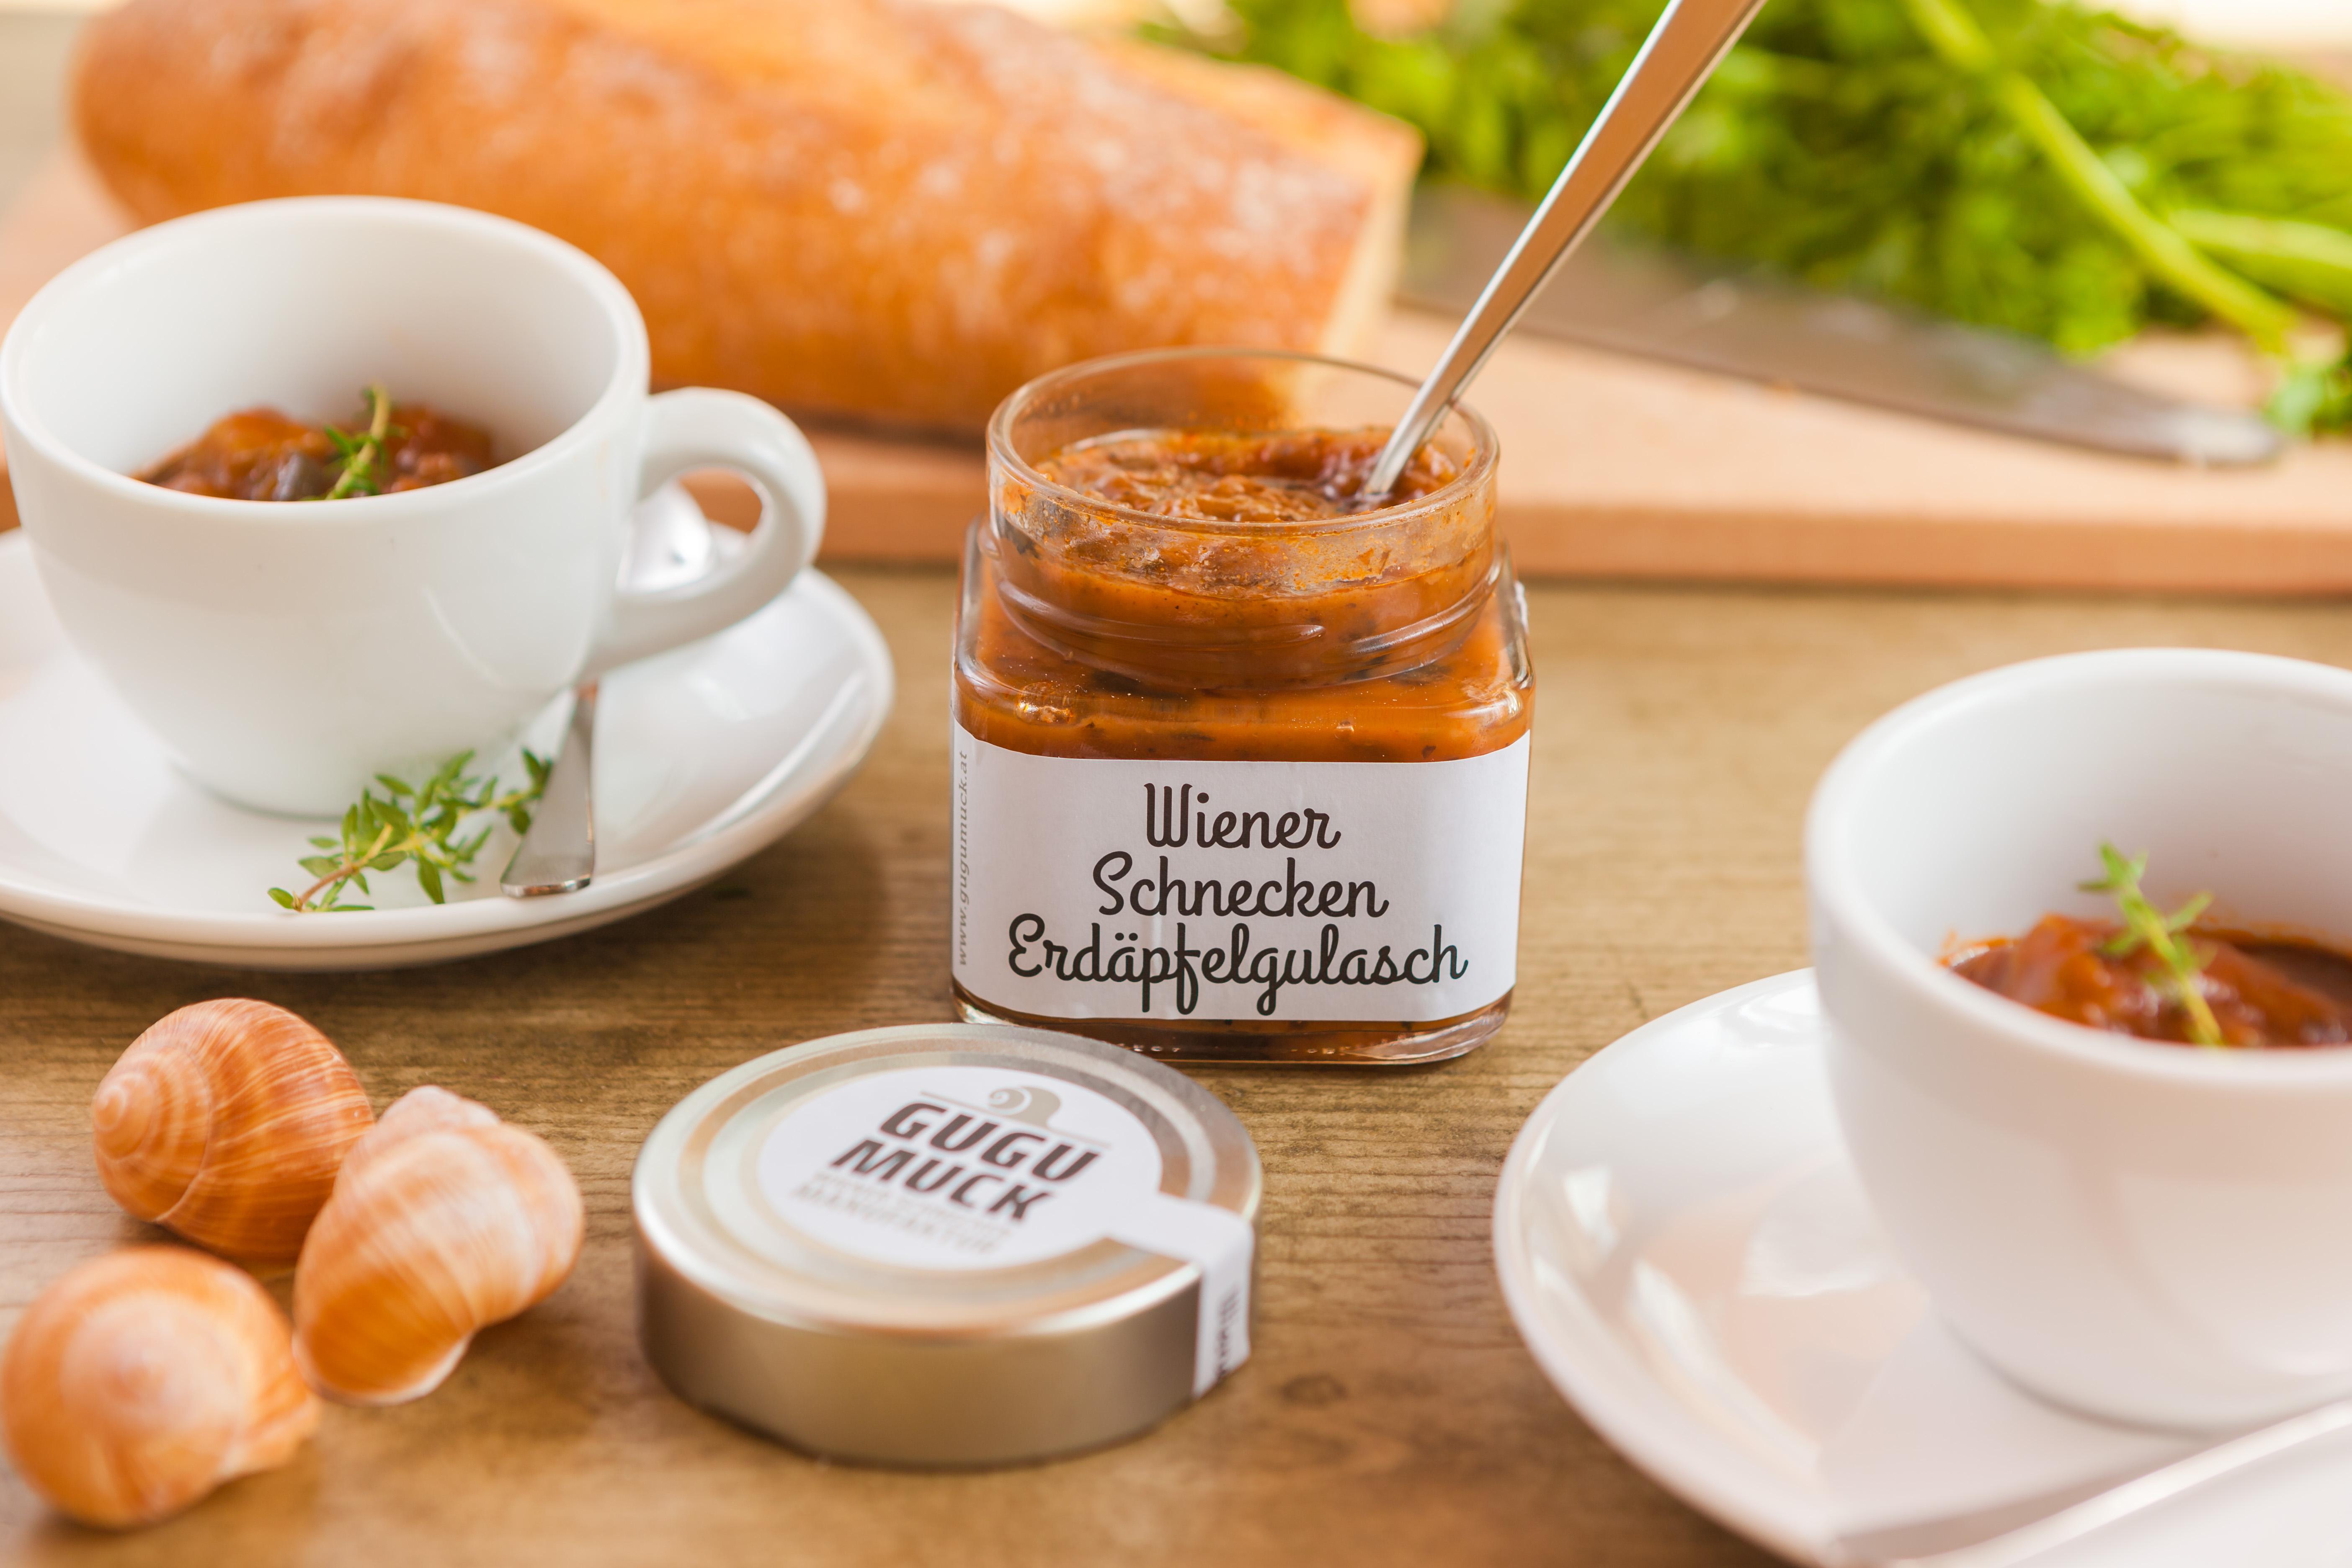 Wiener Schnecken Erdapfelgulasch von Gugumuck, Feinkostartikel und Spezialitäten testen. Schnecken kaufen im Feinkost online oder im Feinkost-Handel